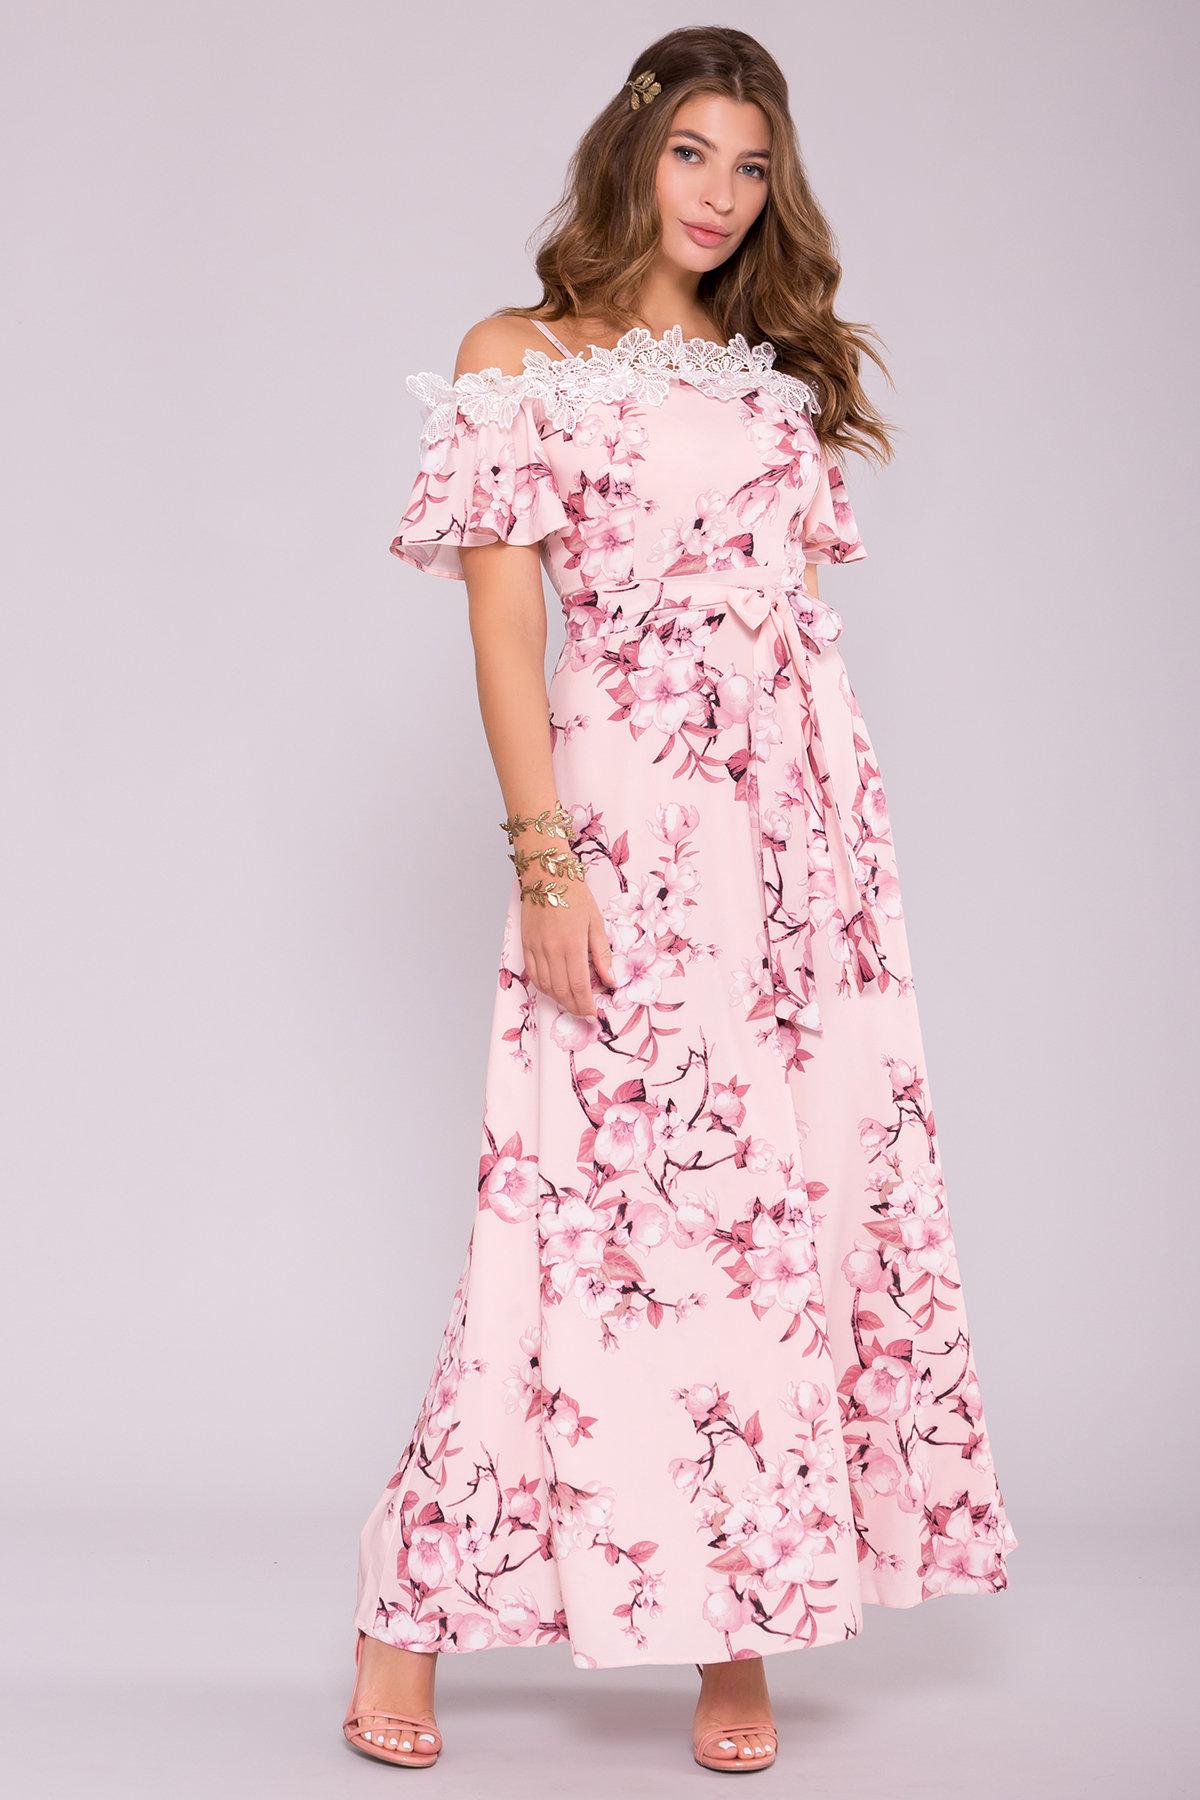 Купить платье оптом Украина Modus Платье Монриа 7056